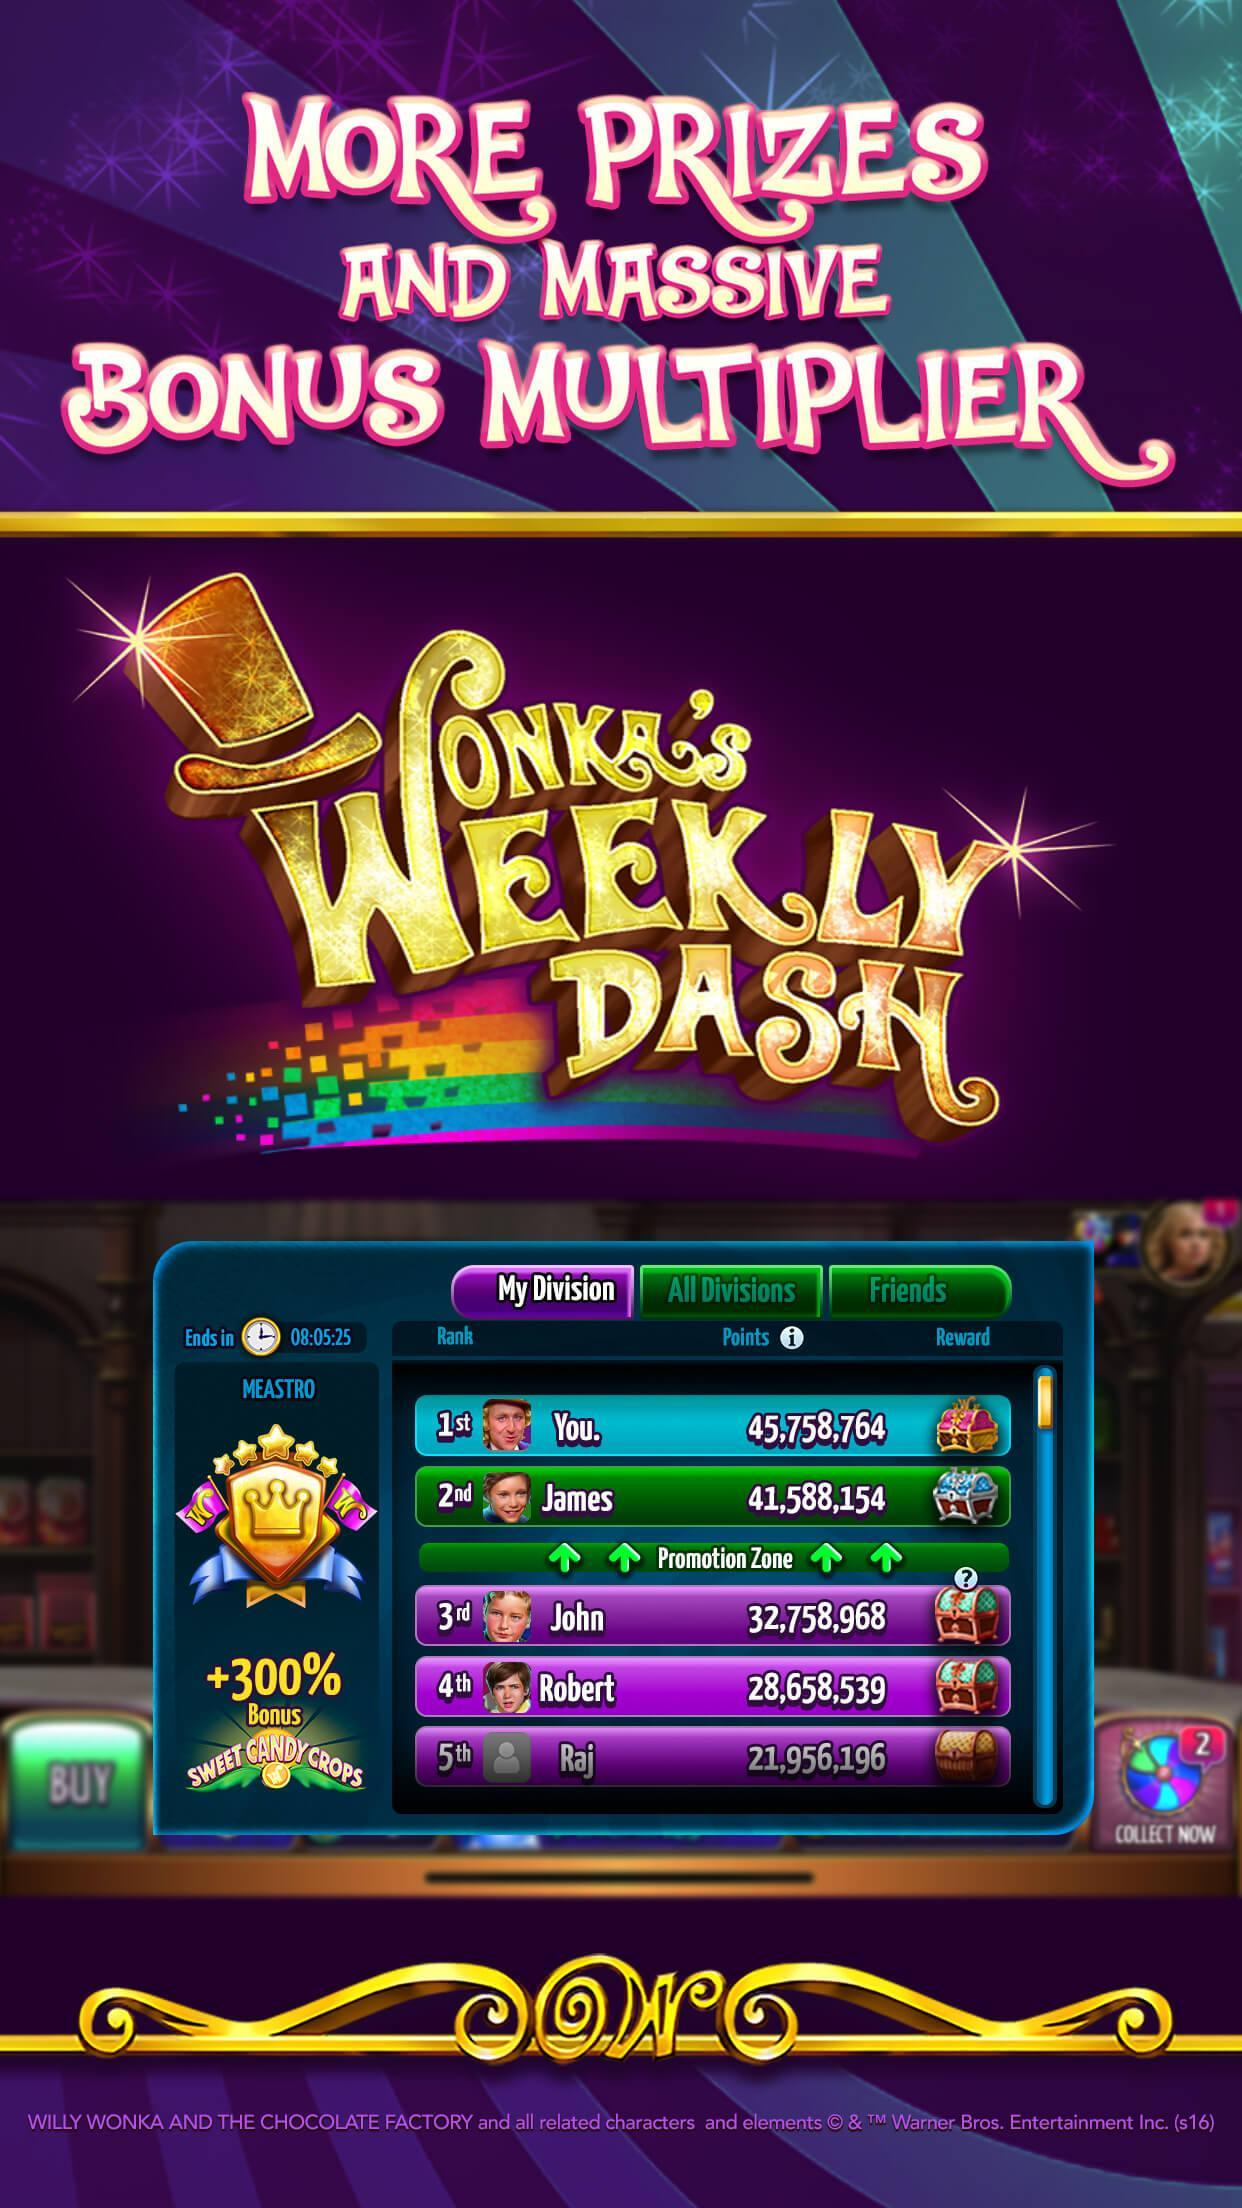 Willy Wonka Slots Free Casino 100.0.964 Screenshot 1